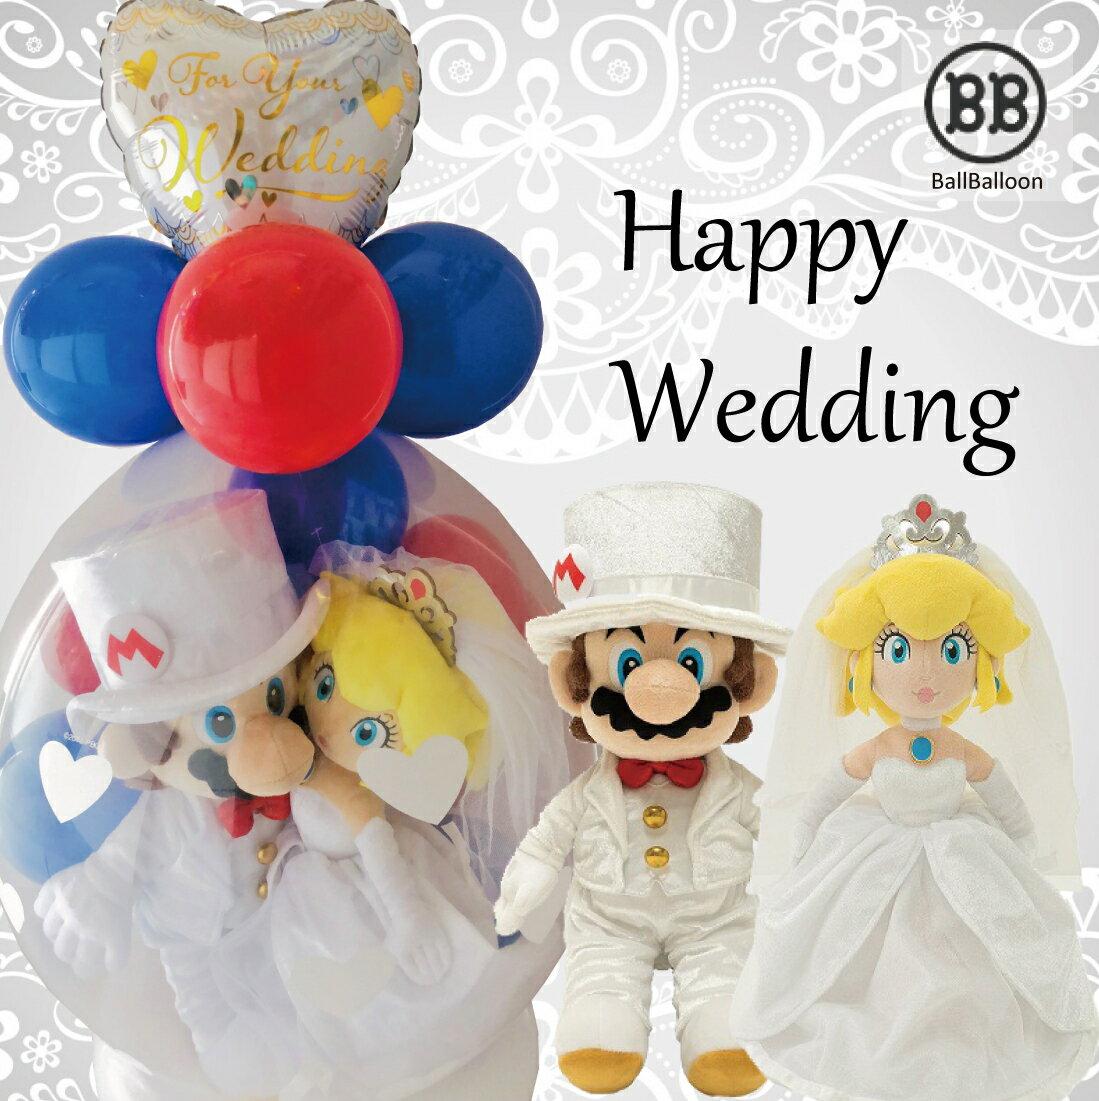 バルーン電報(電報)結婚式 マリオ&ピーチ姫のウェディング♪ スーパーマリオ ピーチ姫 ウェルカムドール 男性、新郎宛に♪